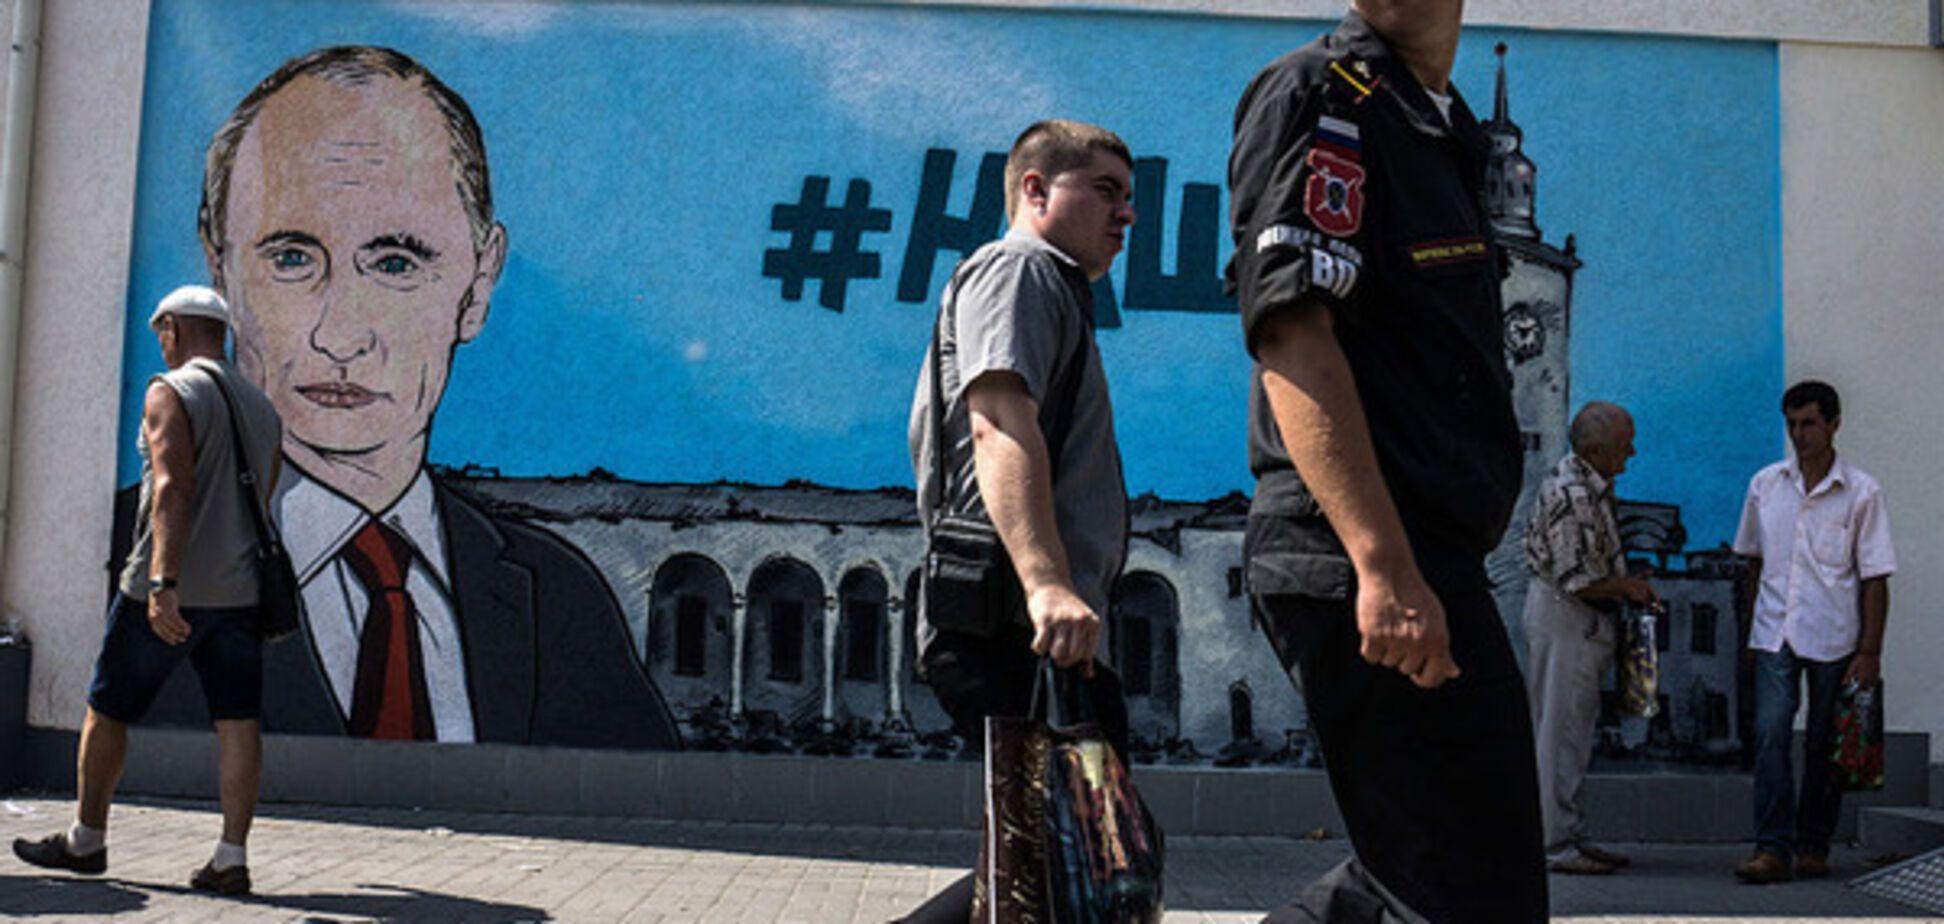 'Крым – исконно российская территория': немецкий политик сделал скандальное заявление